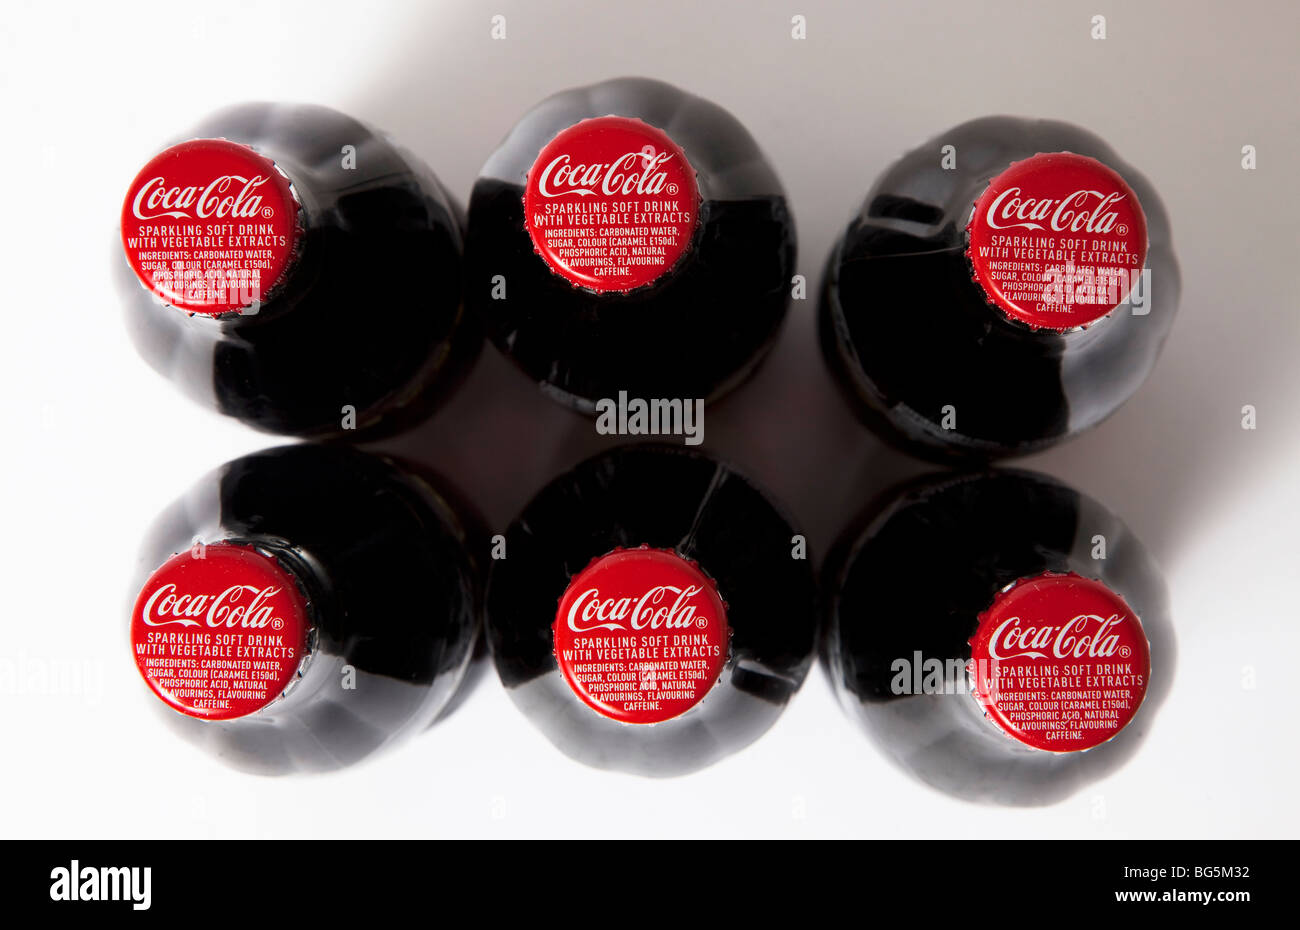 Coca cola coke bottiglie bottiglia di vetro Immagini Stock